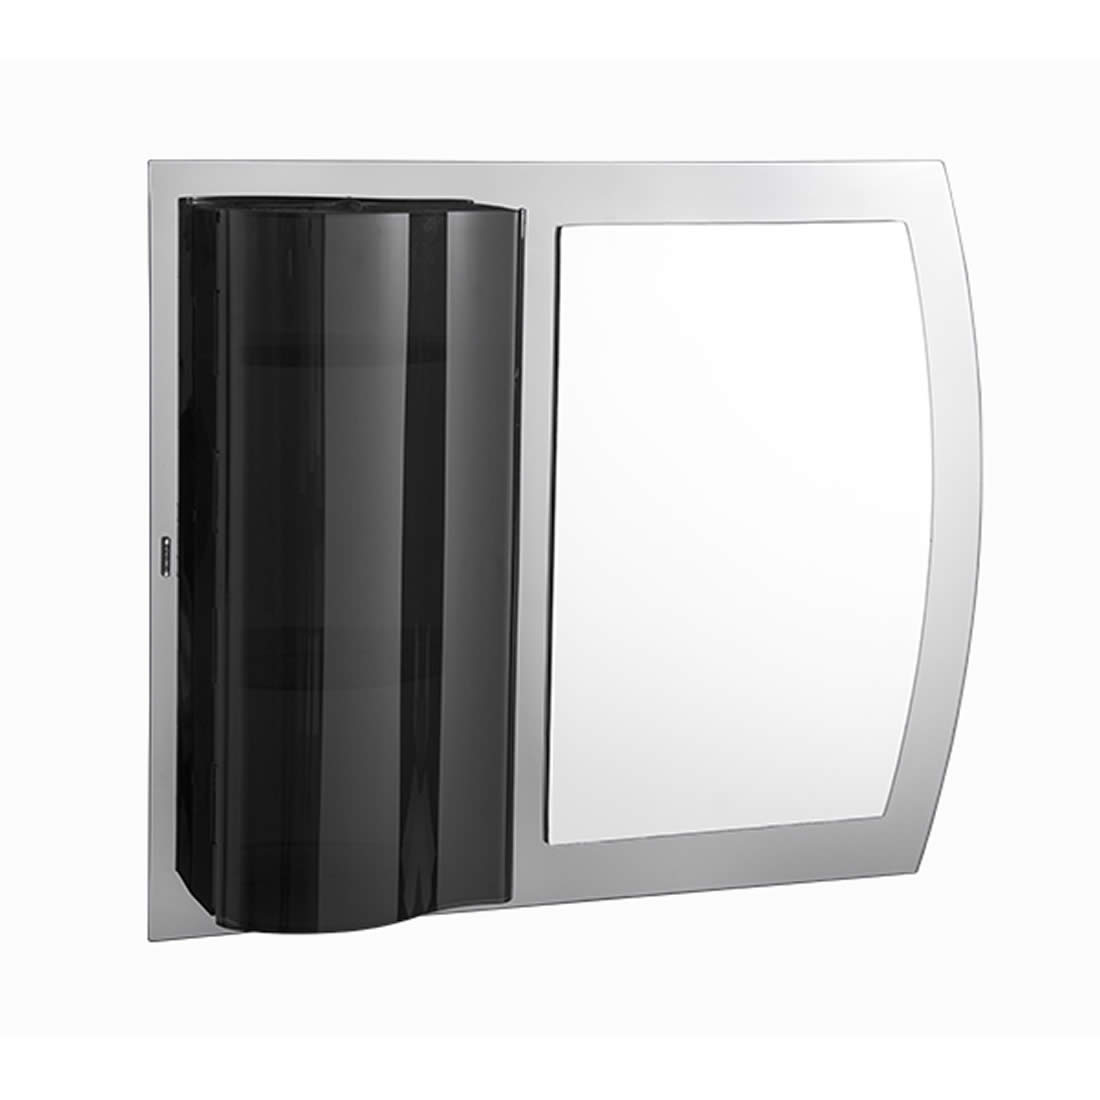 Armário Astra Com Espelho Onix 74 x 59,7 Ref EPP/O